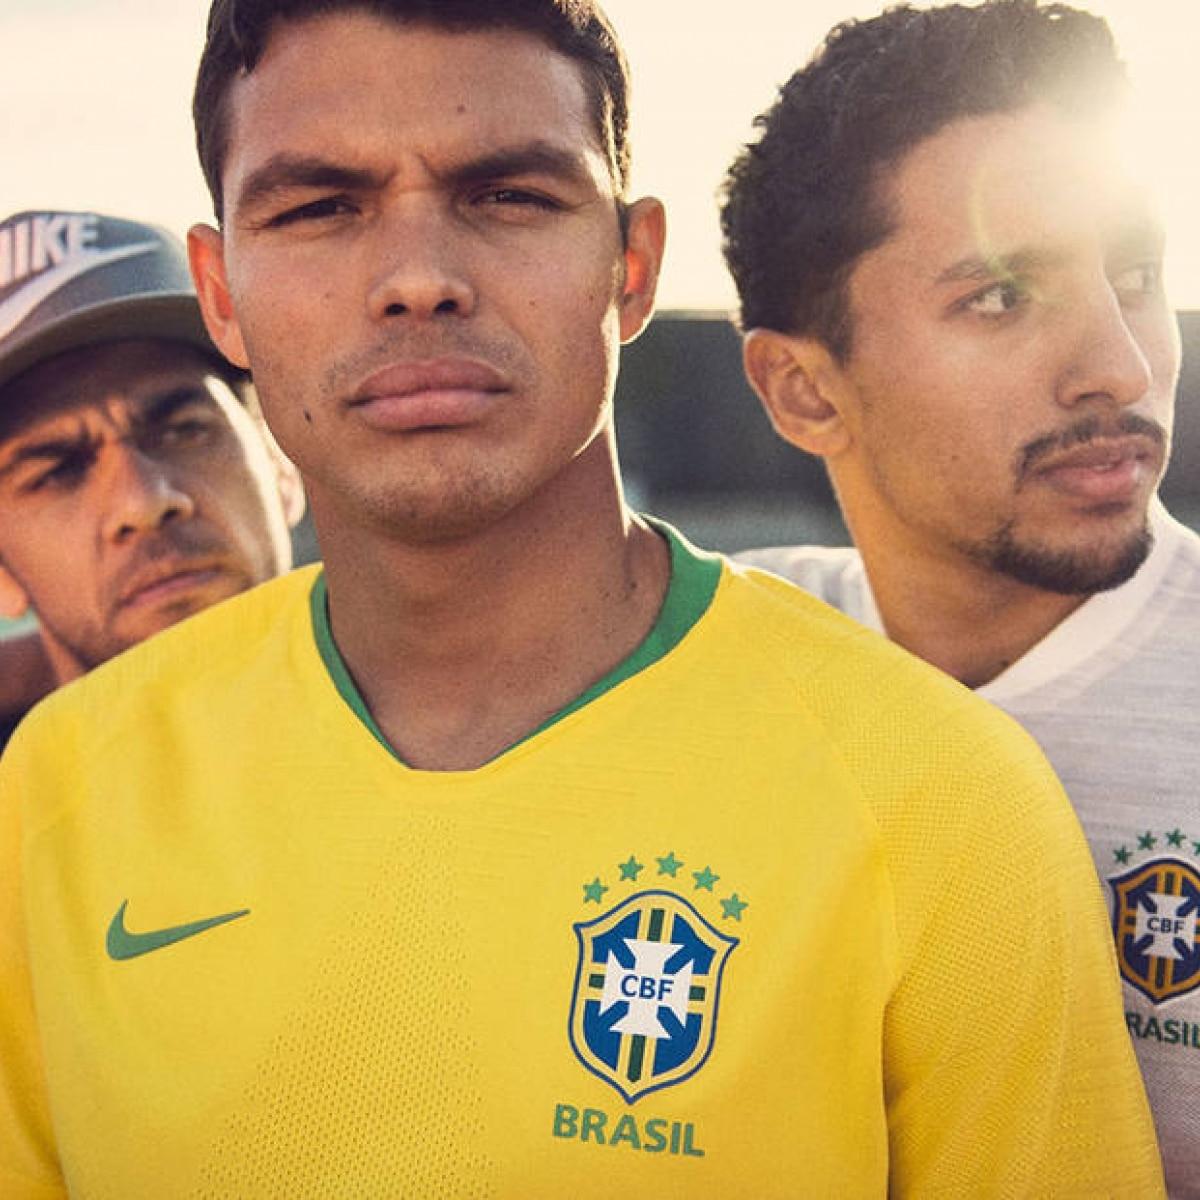 ... 707773b5672 CBF revela nova camisa do Brasil com amarelo vibrante  inspirado na Copa de 1970 ... a253a55e193b8